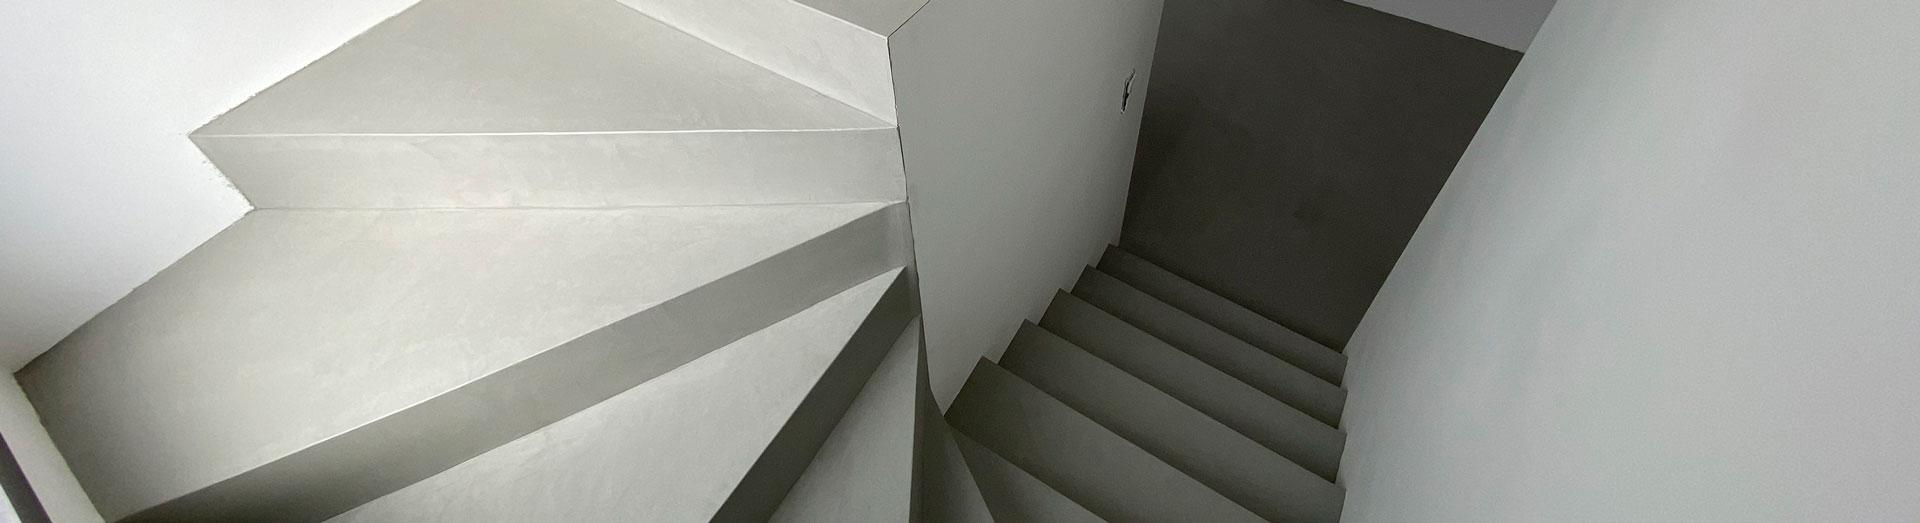 Escaliers en béton ciré